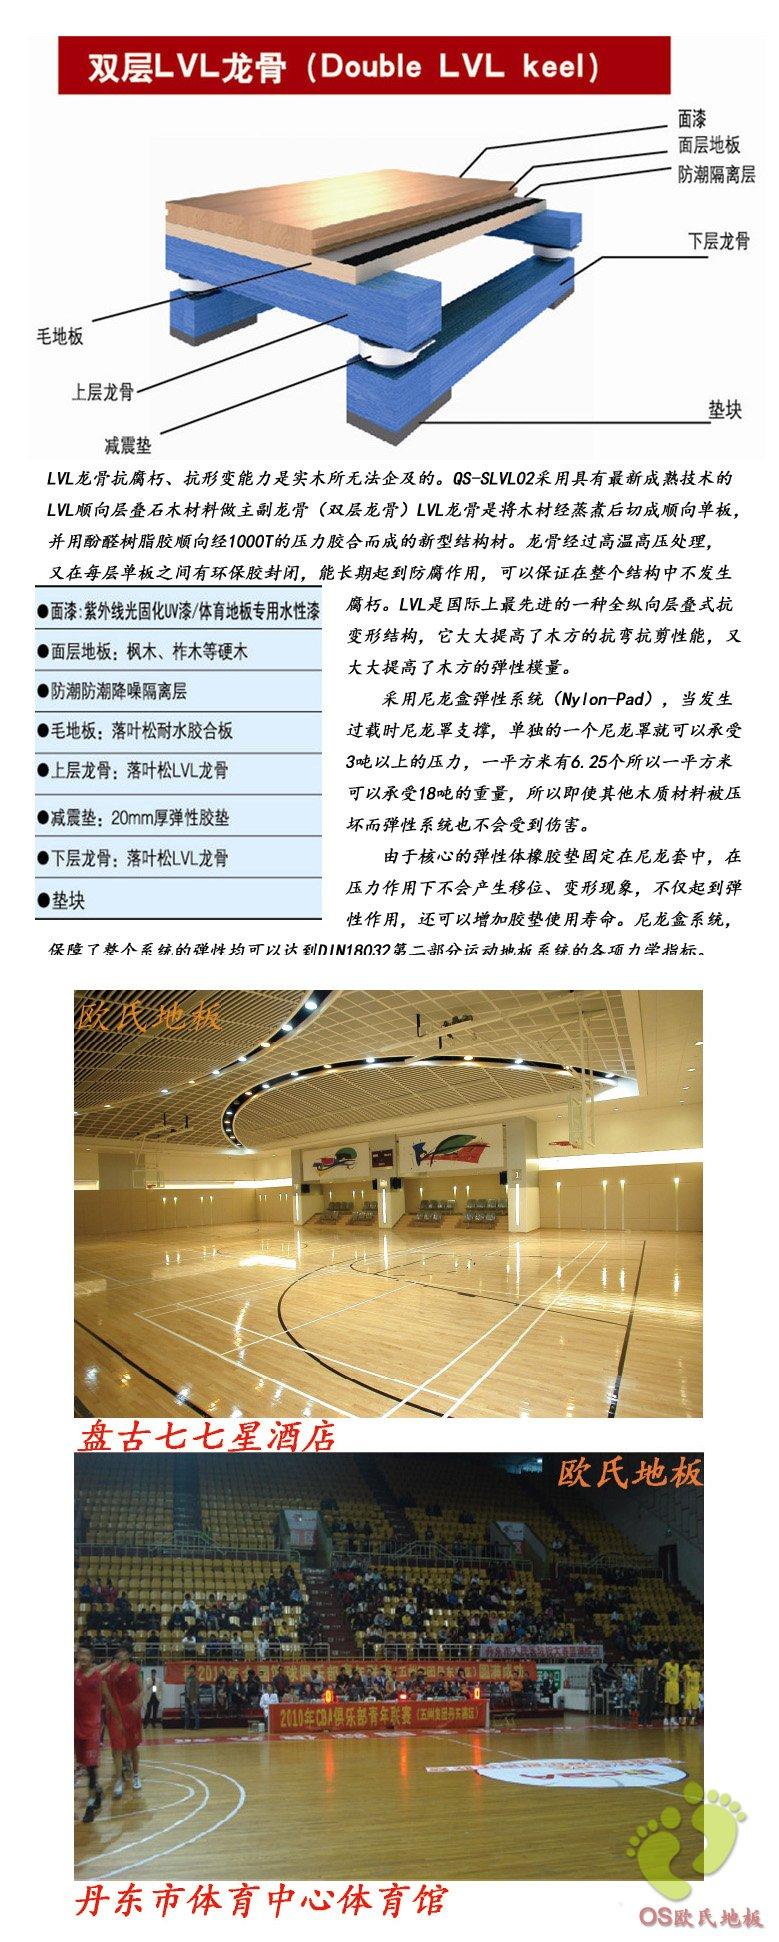 欧氏体育馆地板双层LVL龙骨结构